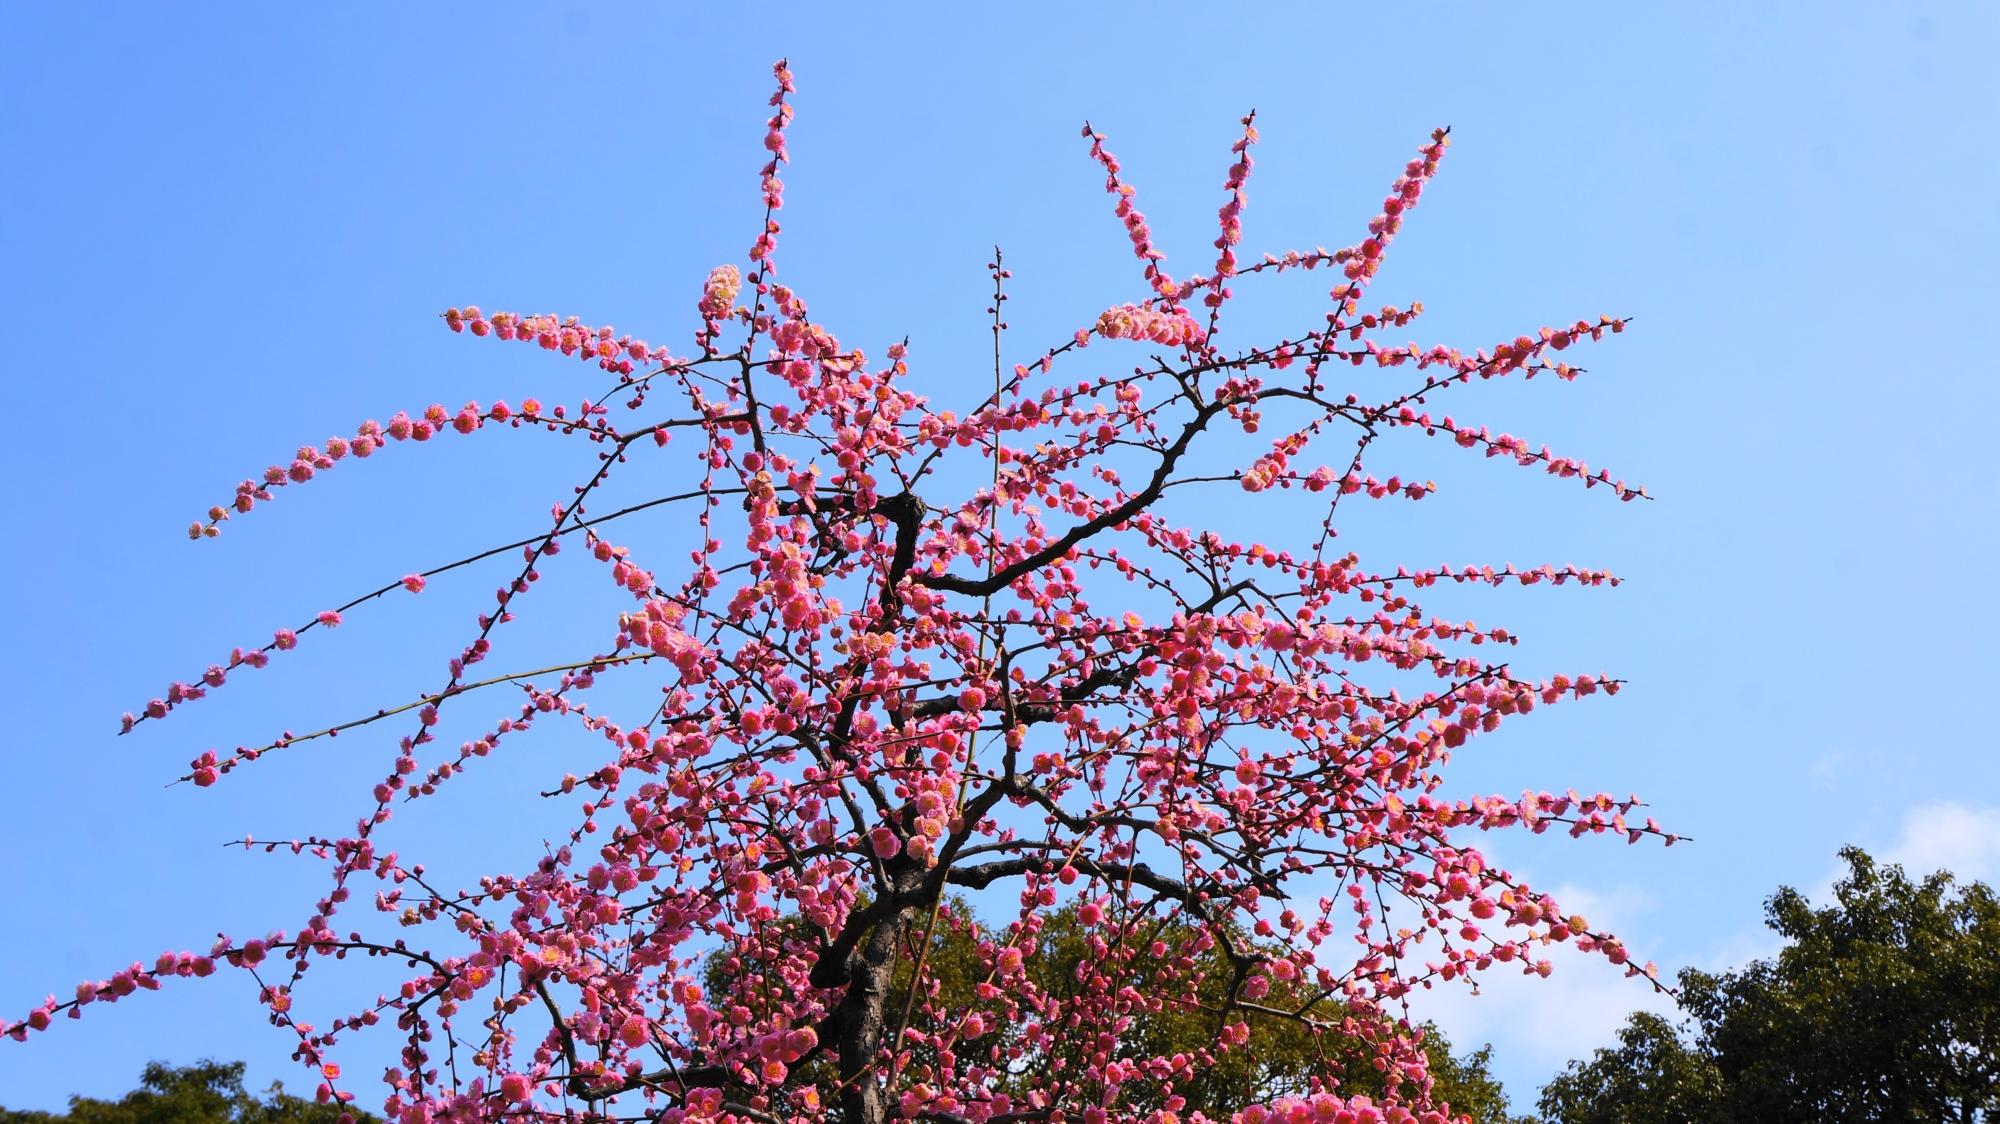 優雅に春先の空を彩る梅